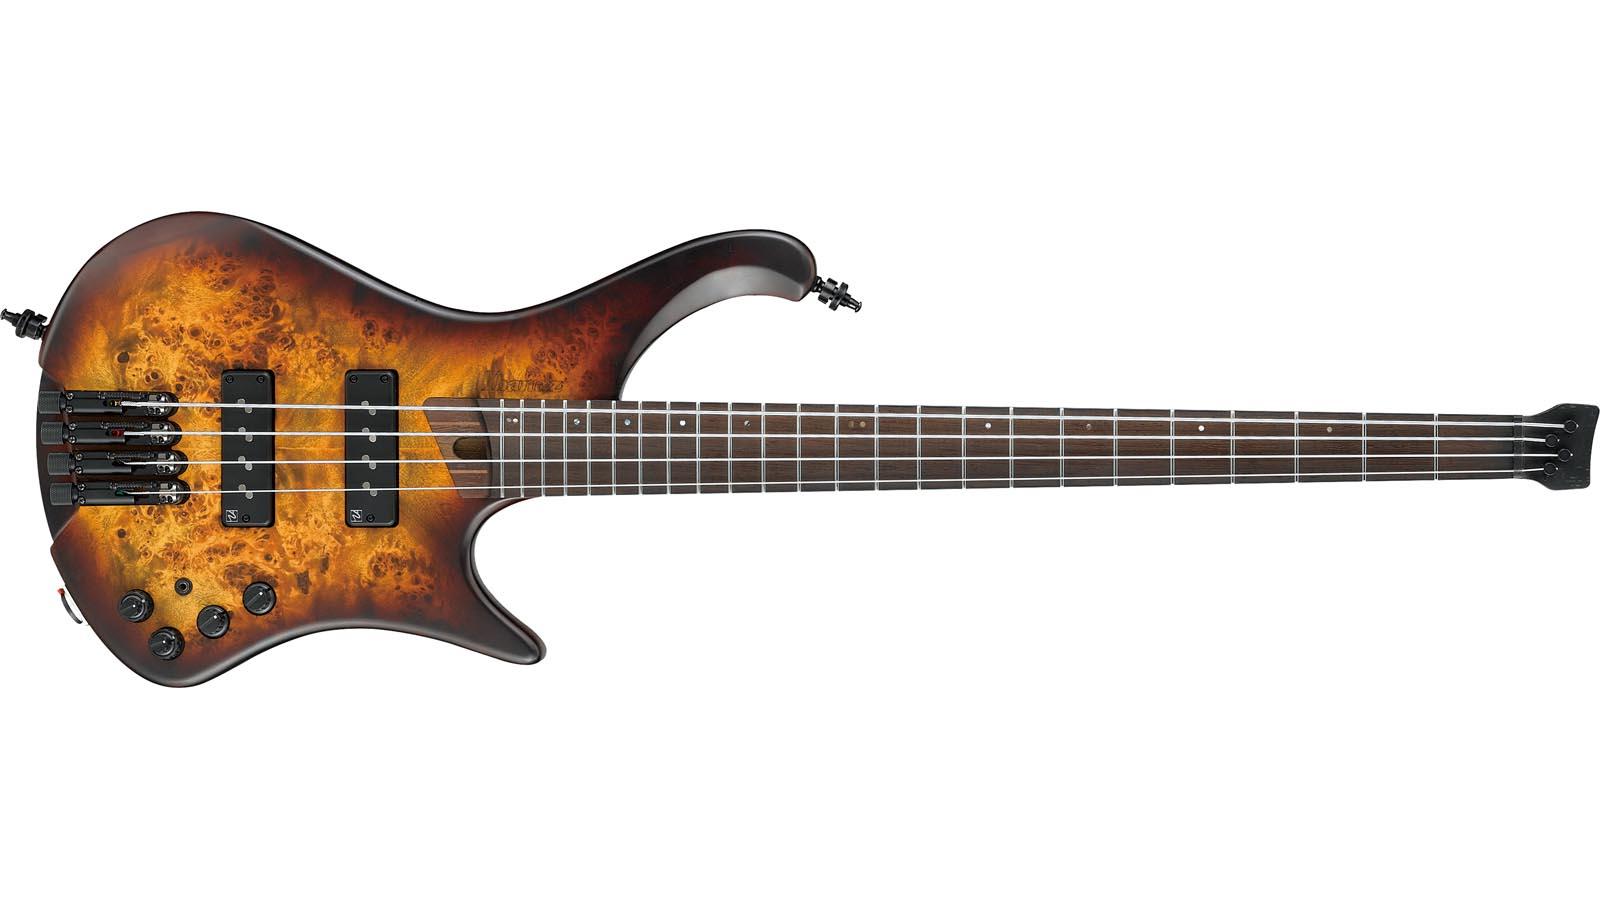 Ibanez EHB1500-DEF Headless Bass Soundgear Dragon Eye Burst Flat